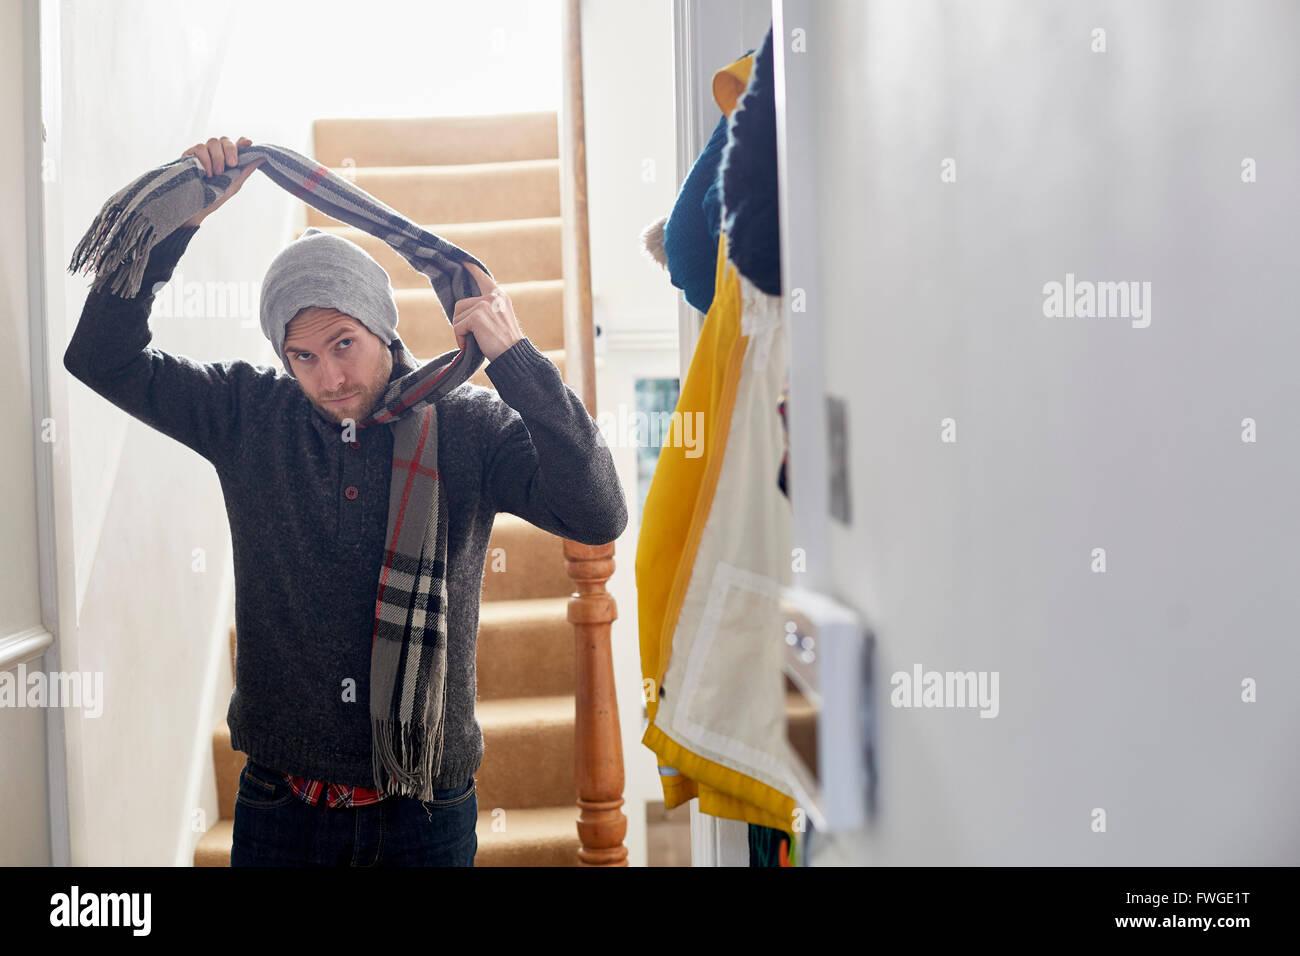 Ein Mann in einen Wintermantel, Mütze und Schal Zuhause angekommen, seinen Schal auszuziehen. Stockfoto